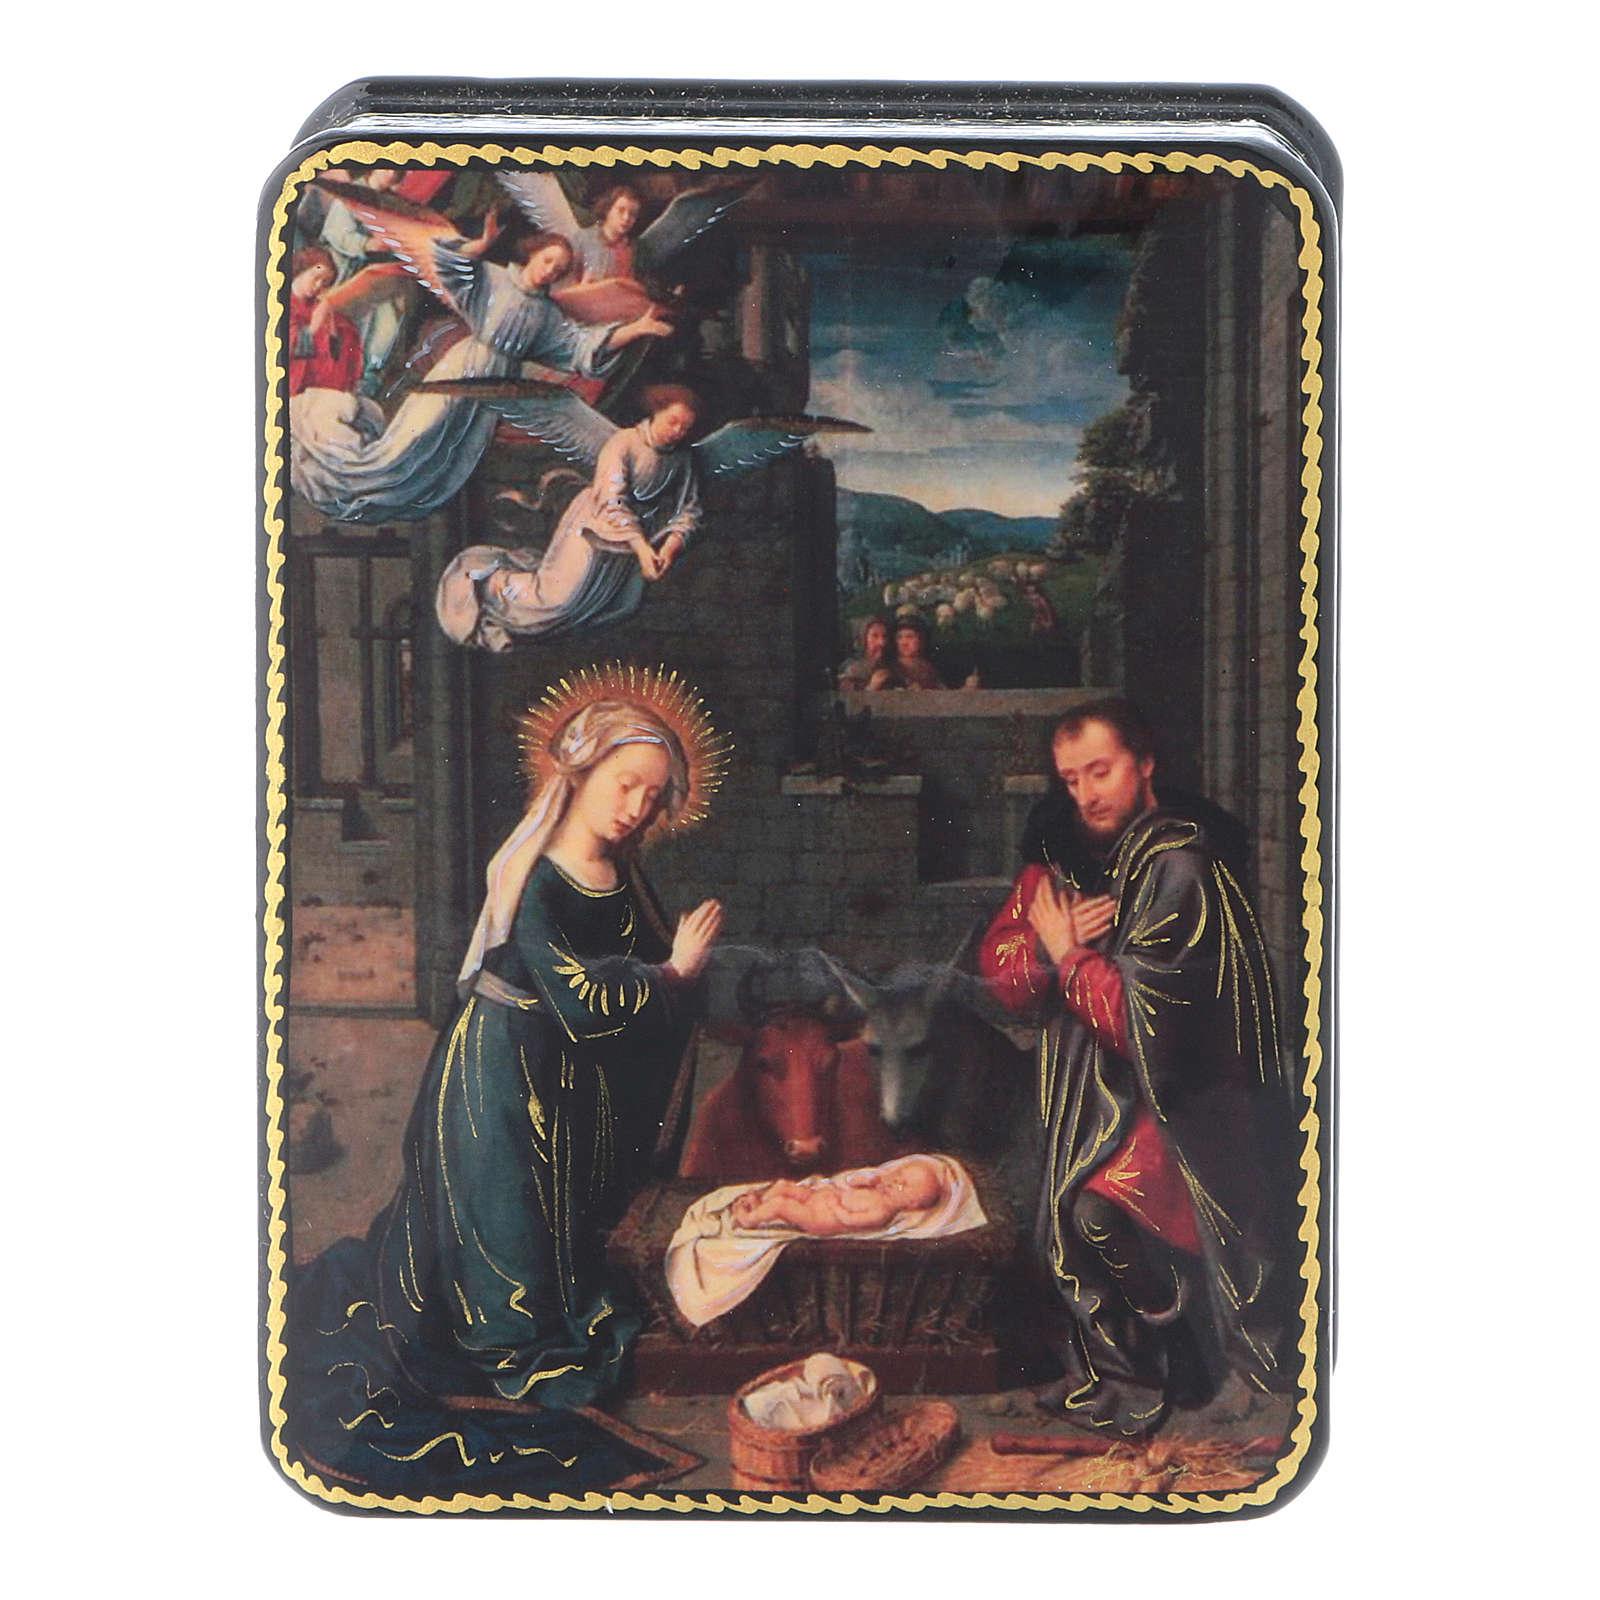 Lacca russa cartapesta Nascita Cristo di David Fedoskino style 11x8 4